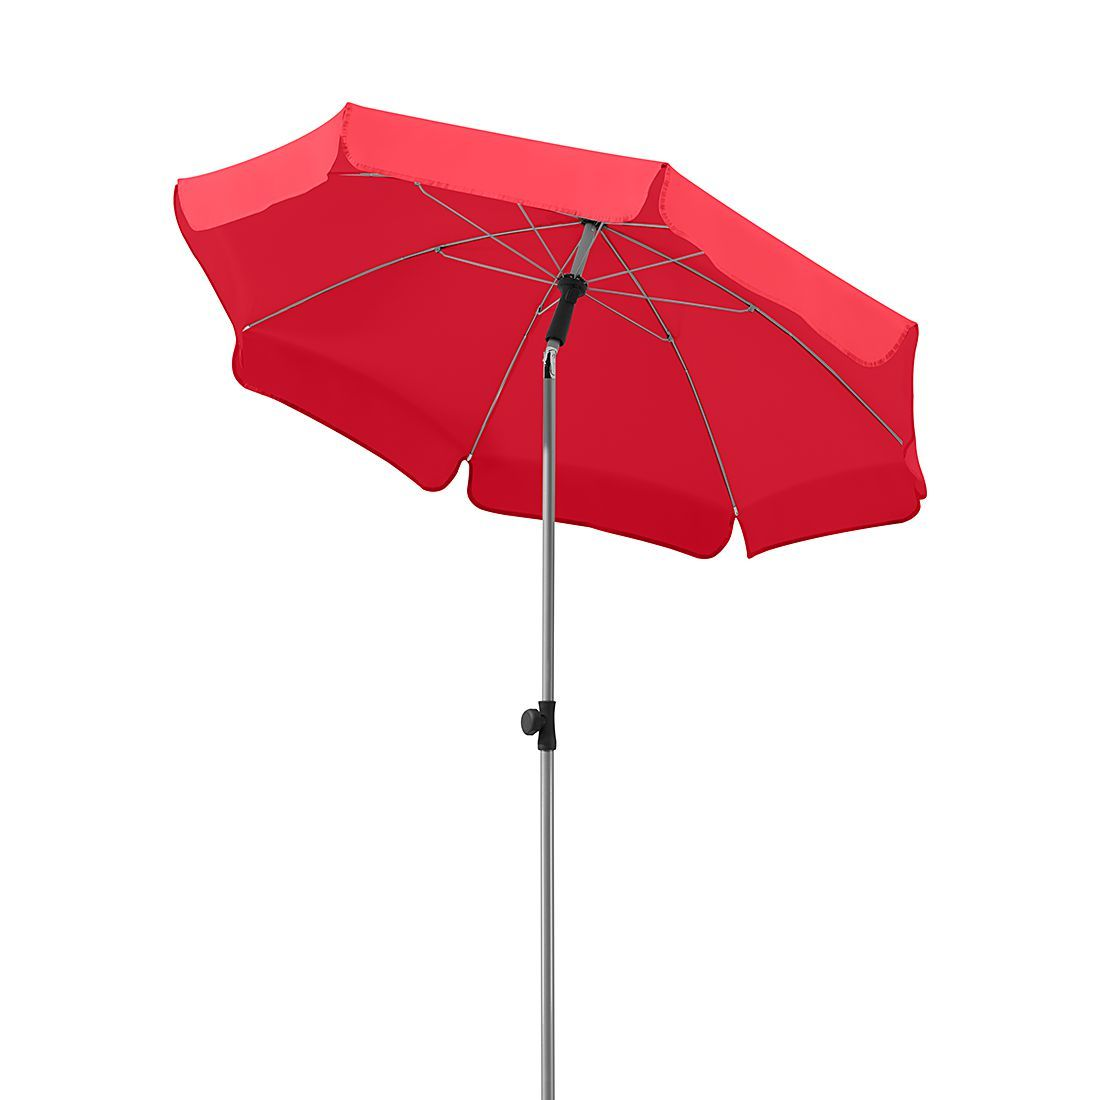 Sonnenschirm Micco I - Stahl/Polyester - Silber/Rot, Schneider Schirme